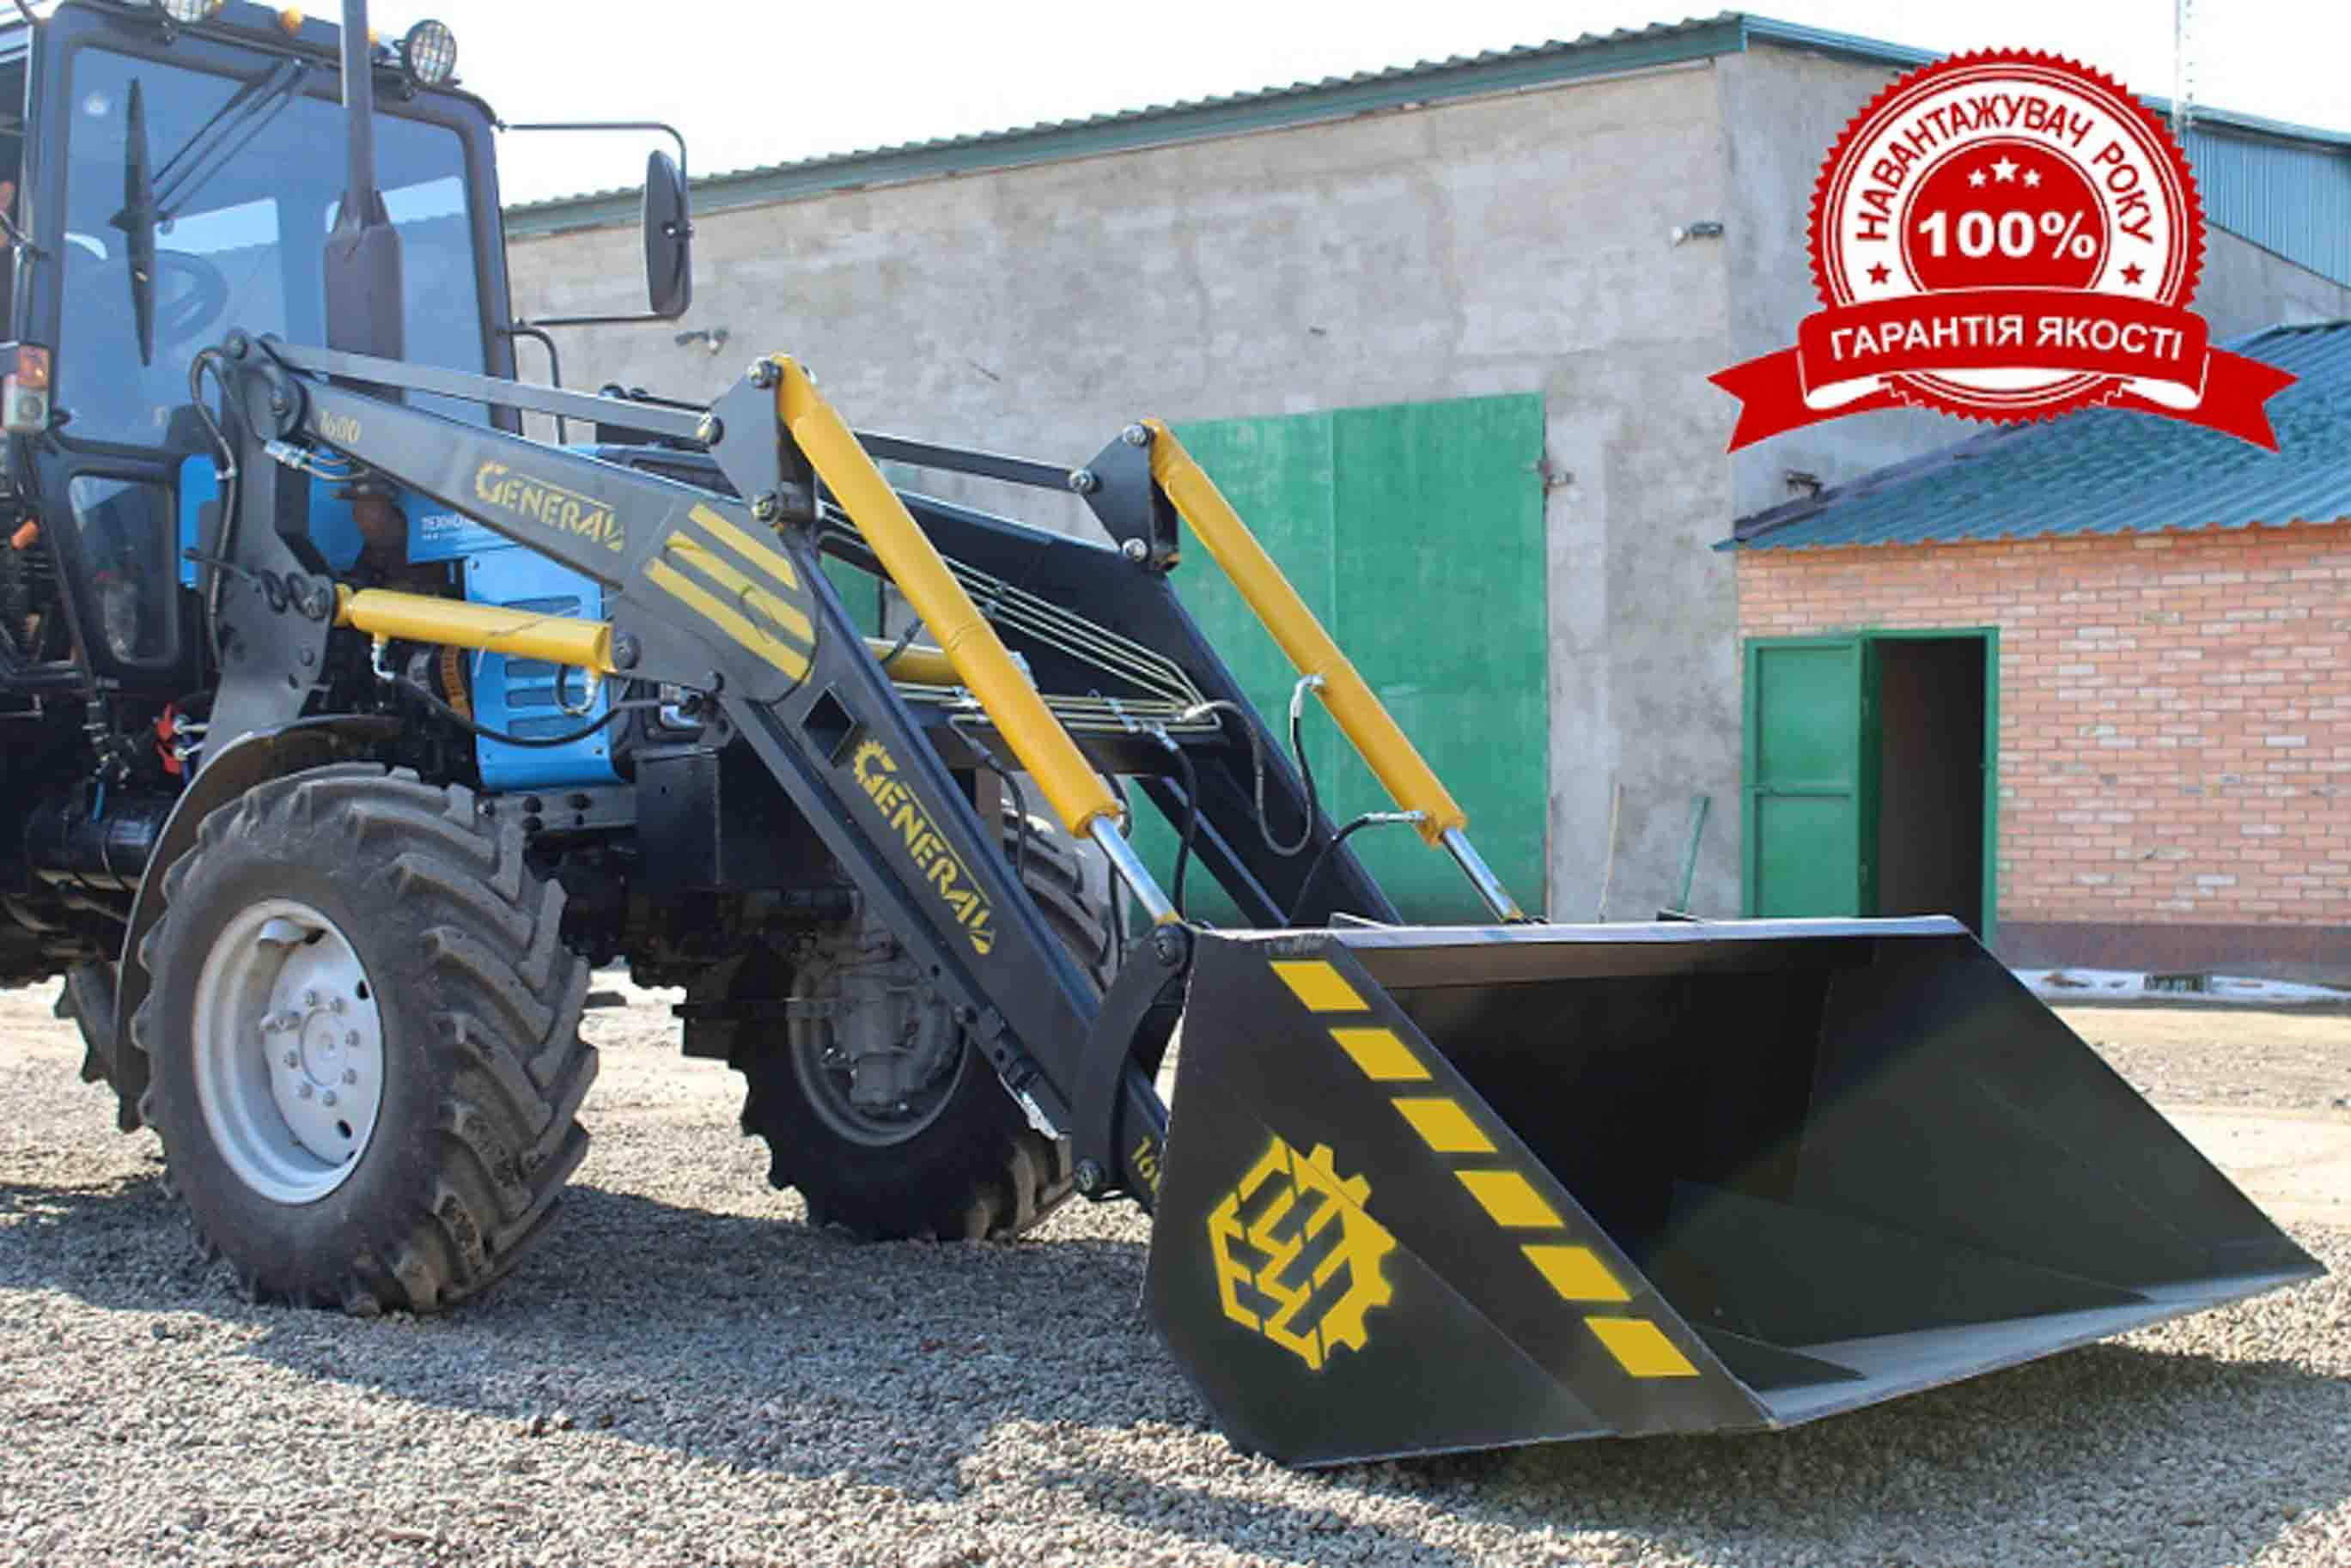 Фронтальный погрузчик КУН GENERAL 1600 к тракторам МТЗ, ЮМЗ, Т-40 фото 1